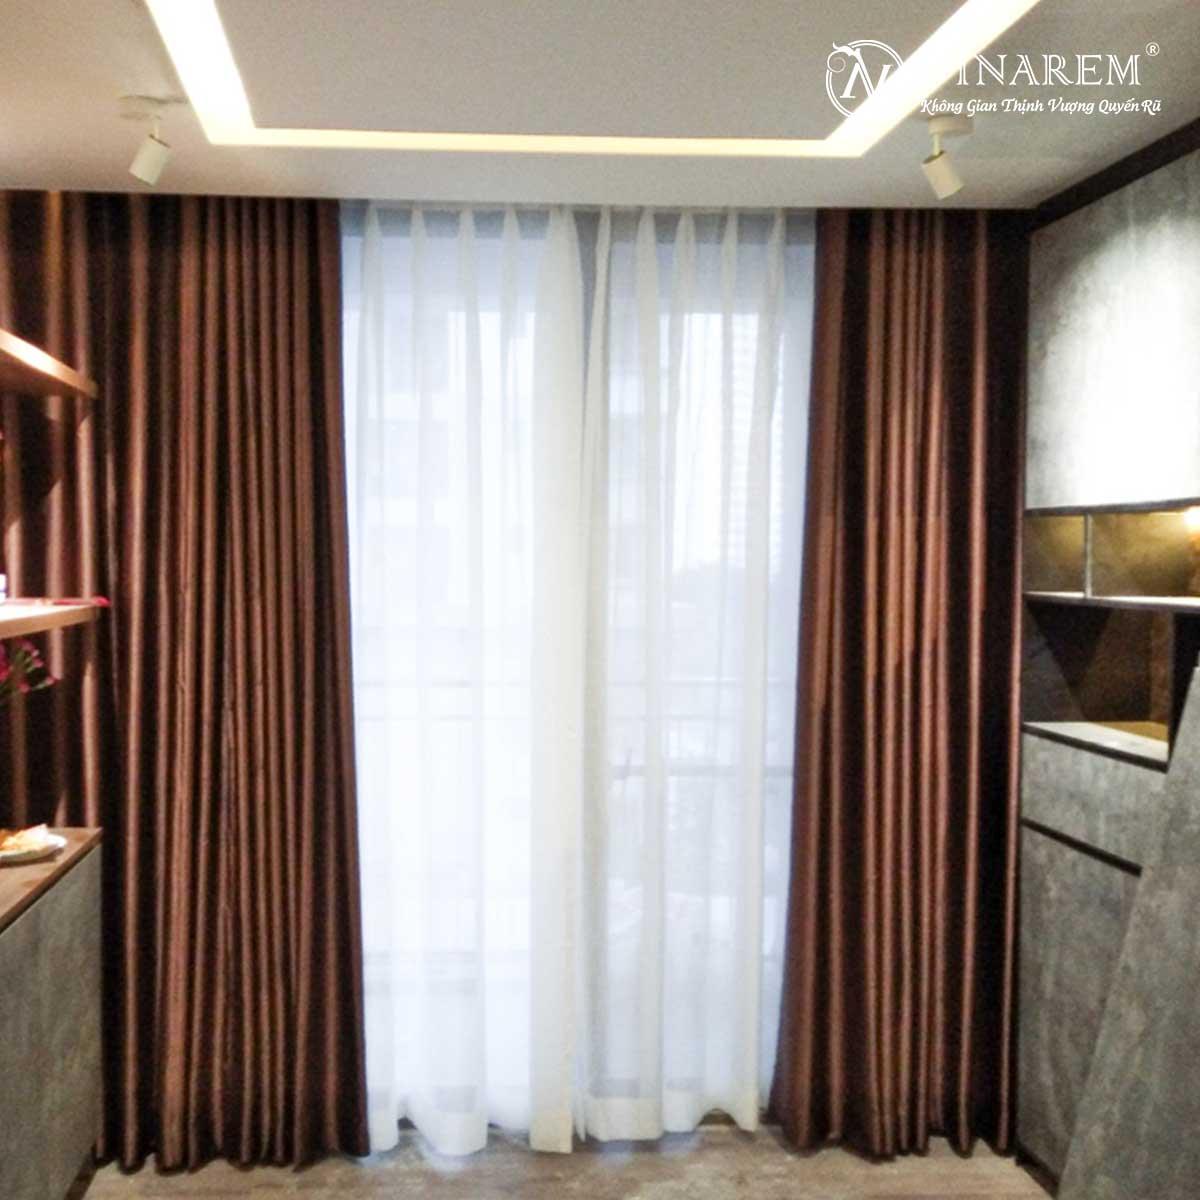 Rèm vải hai lớp cửa sổ căn hộ chung cư